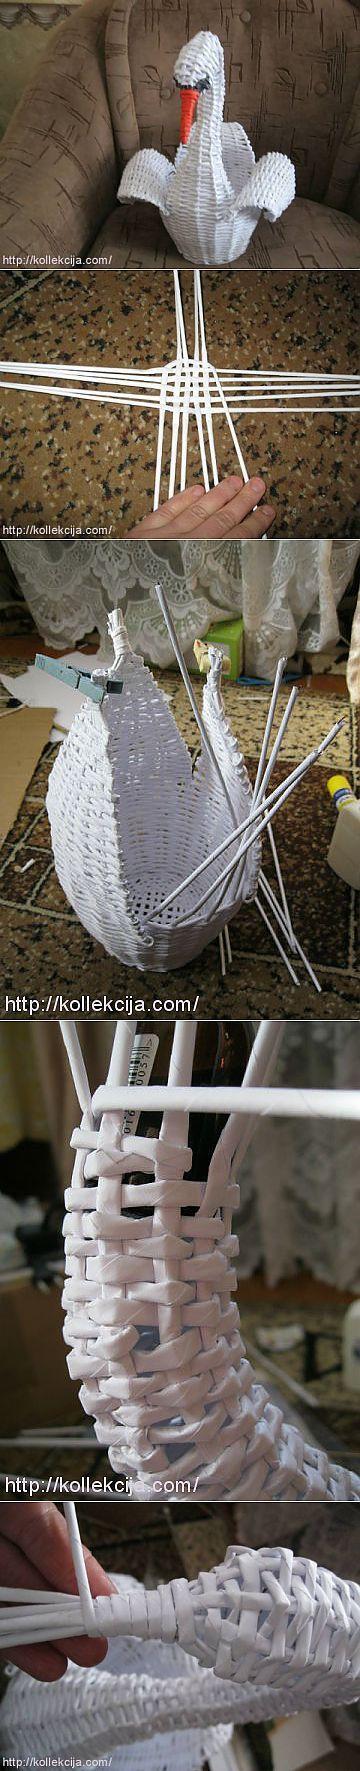 Мастер-класс по созданию лебедя.Газетная лоза.. Обсуждение на LiveInternet | Плетение из газет | Постила